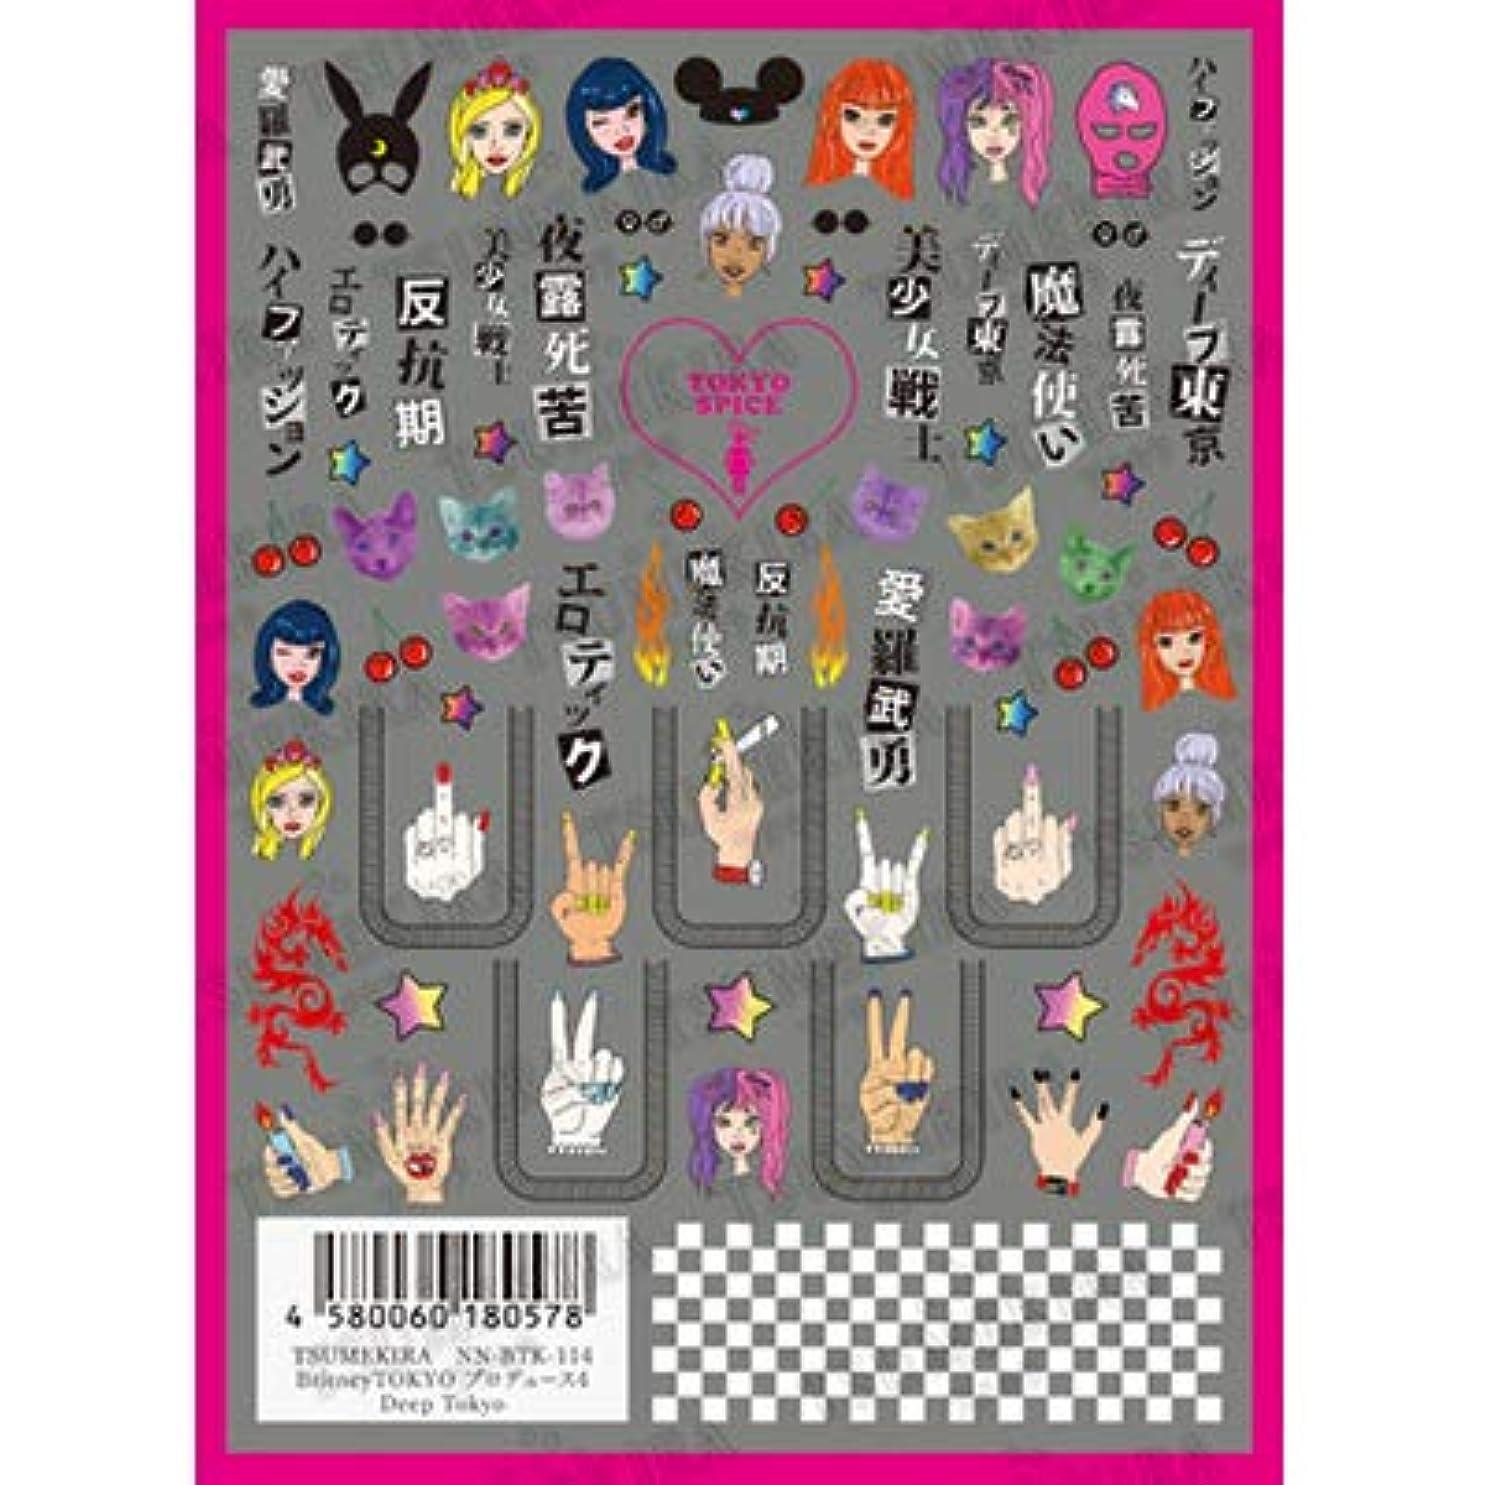 百万動揺させる壊れたTSUMEKIRA(ツメキラ) ネイルシール BritneyTOKYOプロデュース4 Deep Tokyo NN-BTK-114